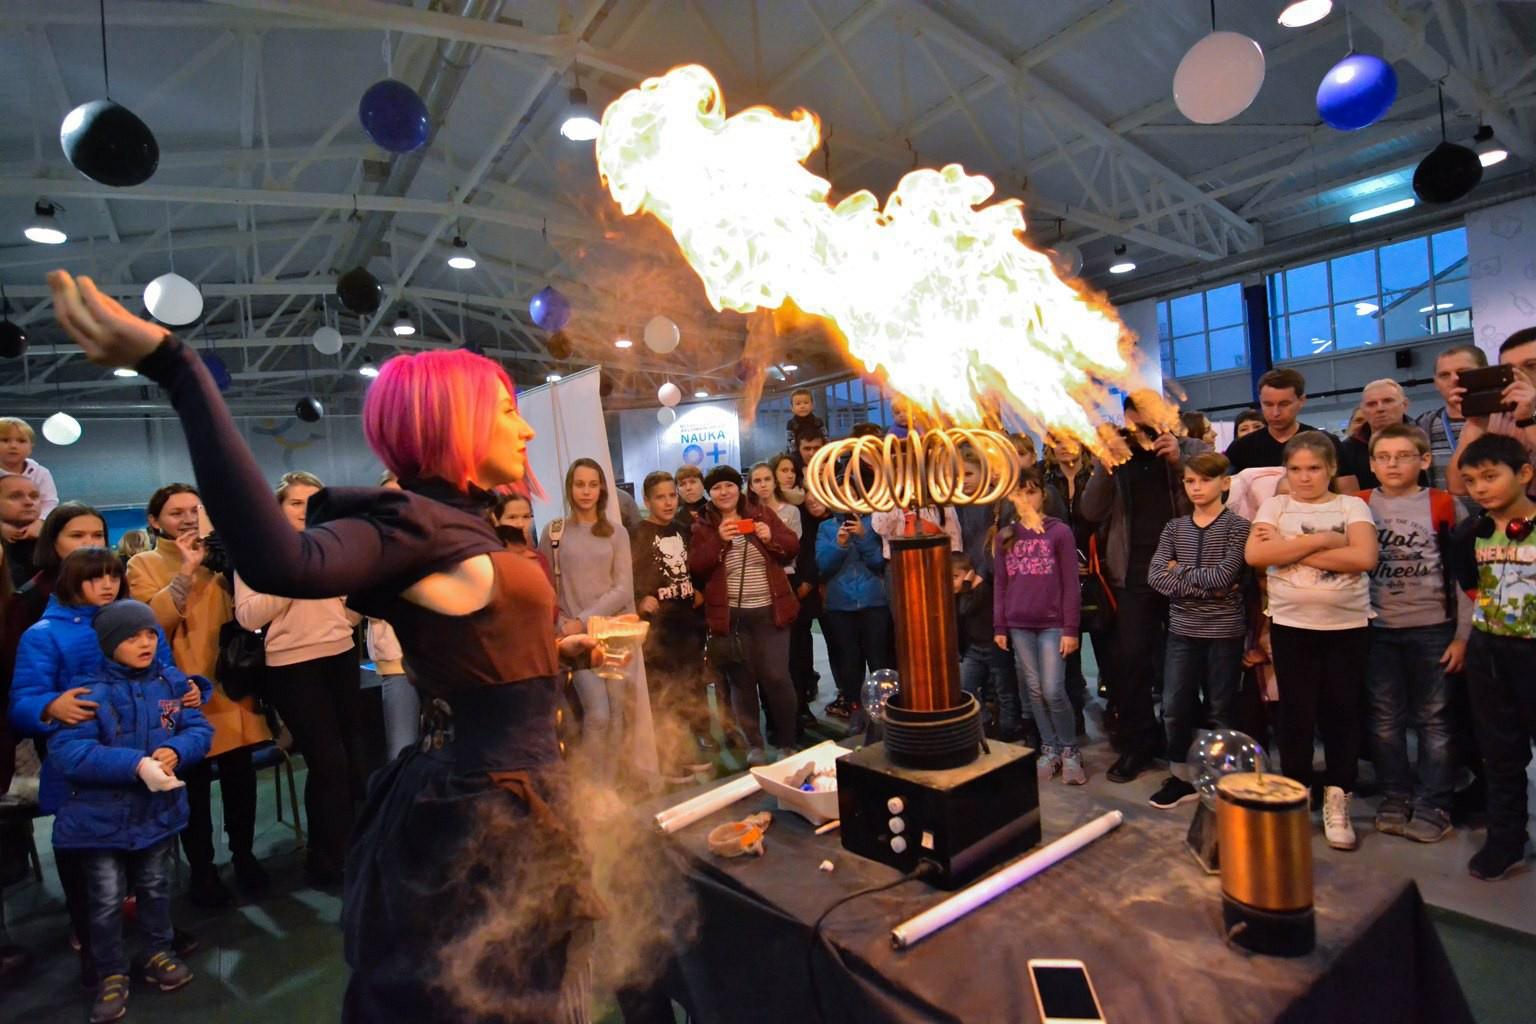 артистка тесла-шоу делает трюк с молнией и огнем